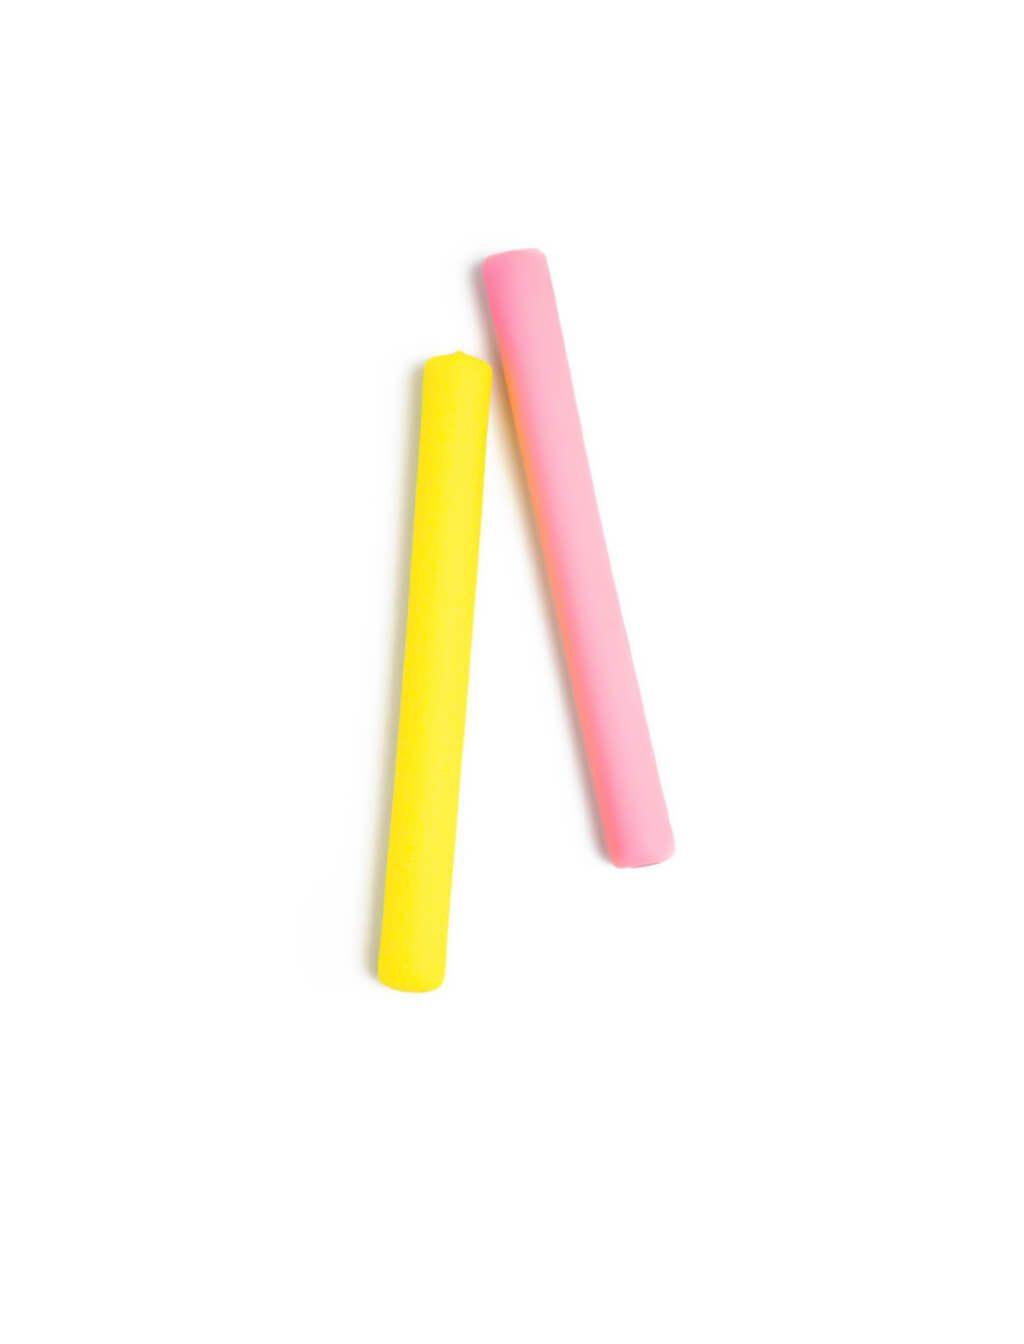 Garrotazos de Colores estuche  825 g